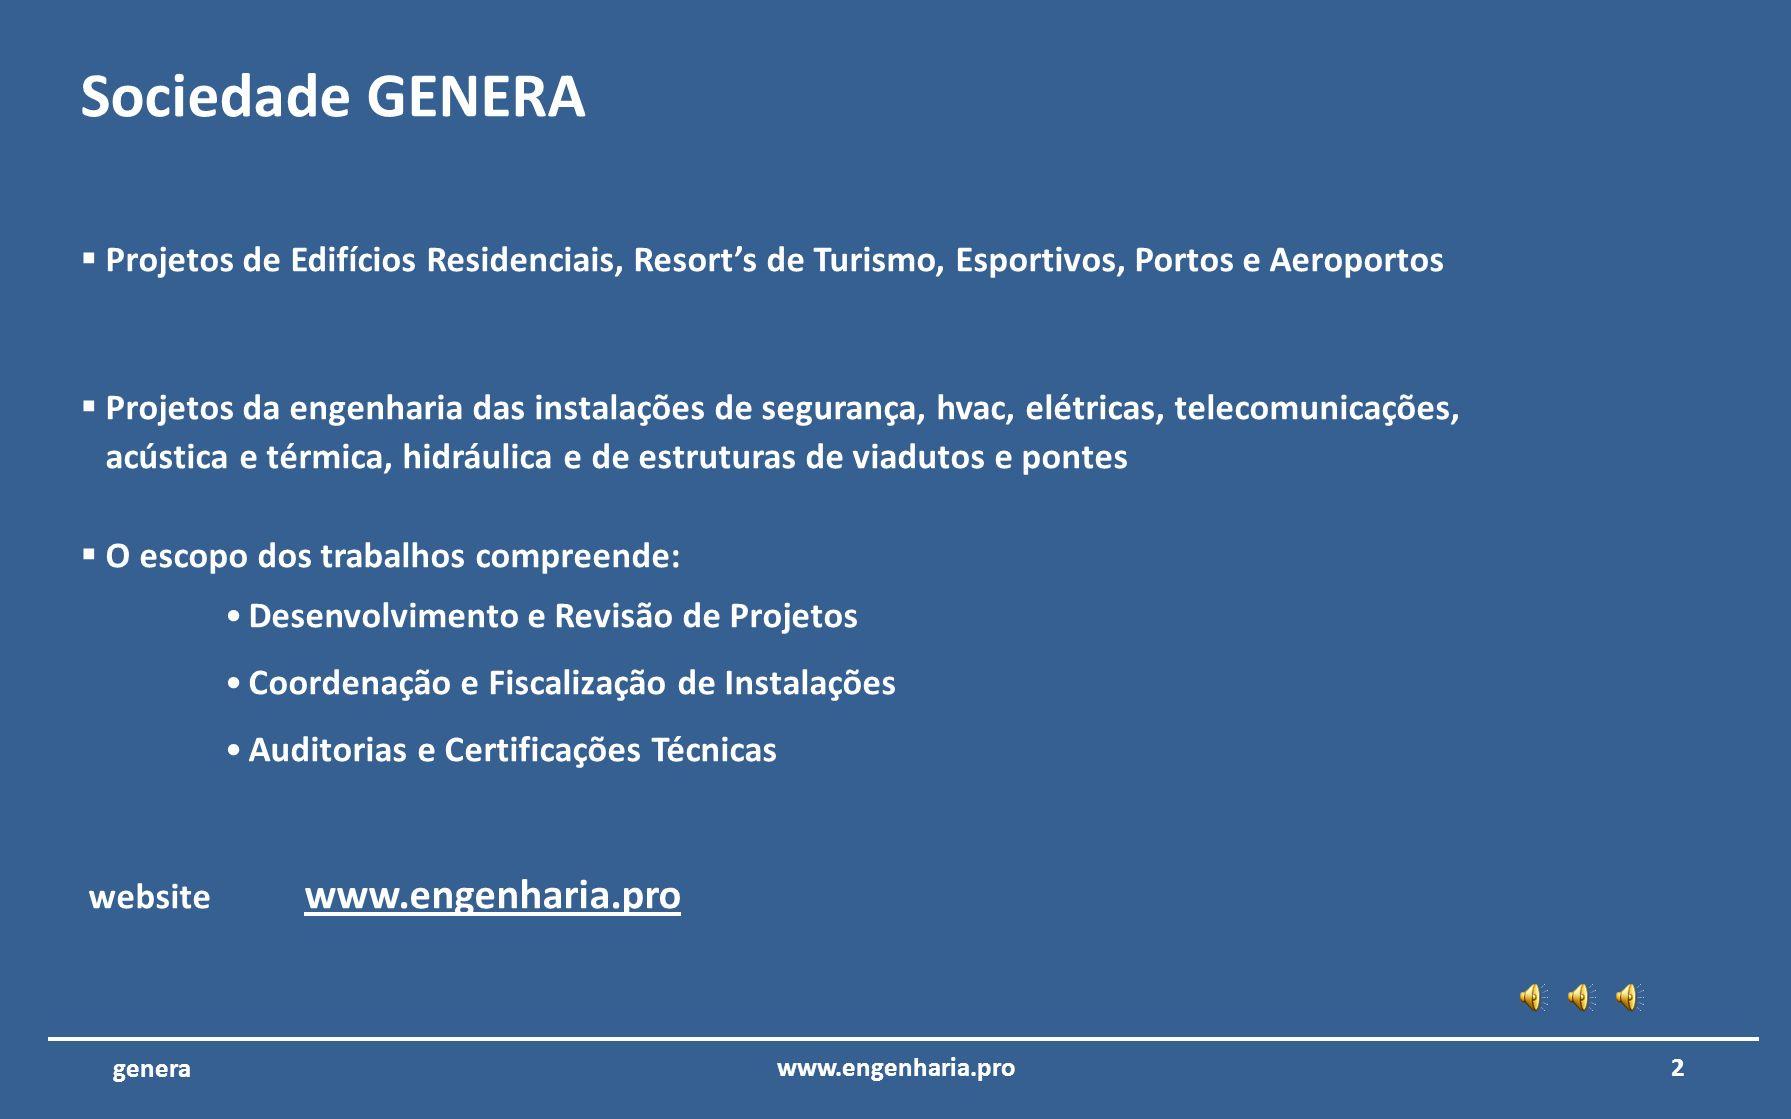 GENERA LTDA - Projetos de Engenharia garantia de qualidade e eficácia www.engenharia.pro